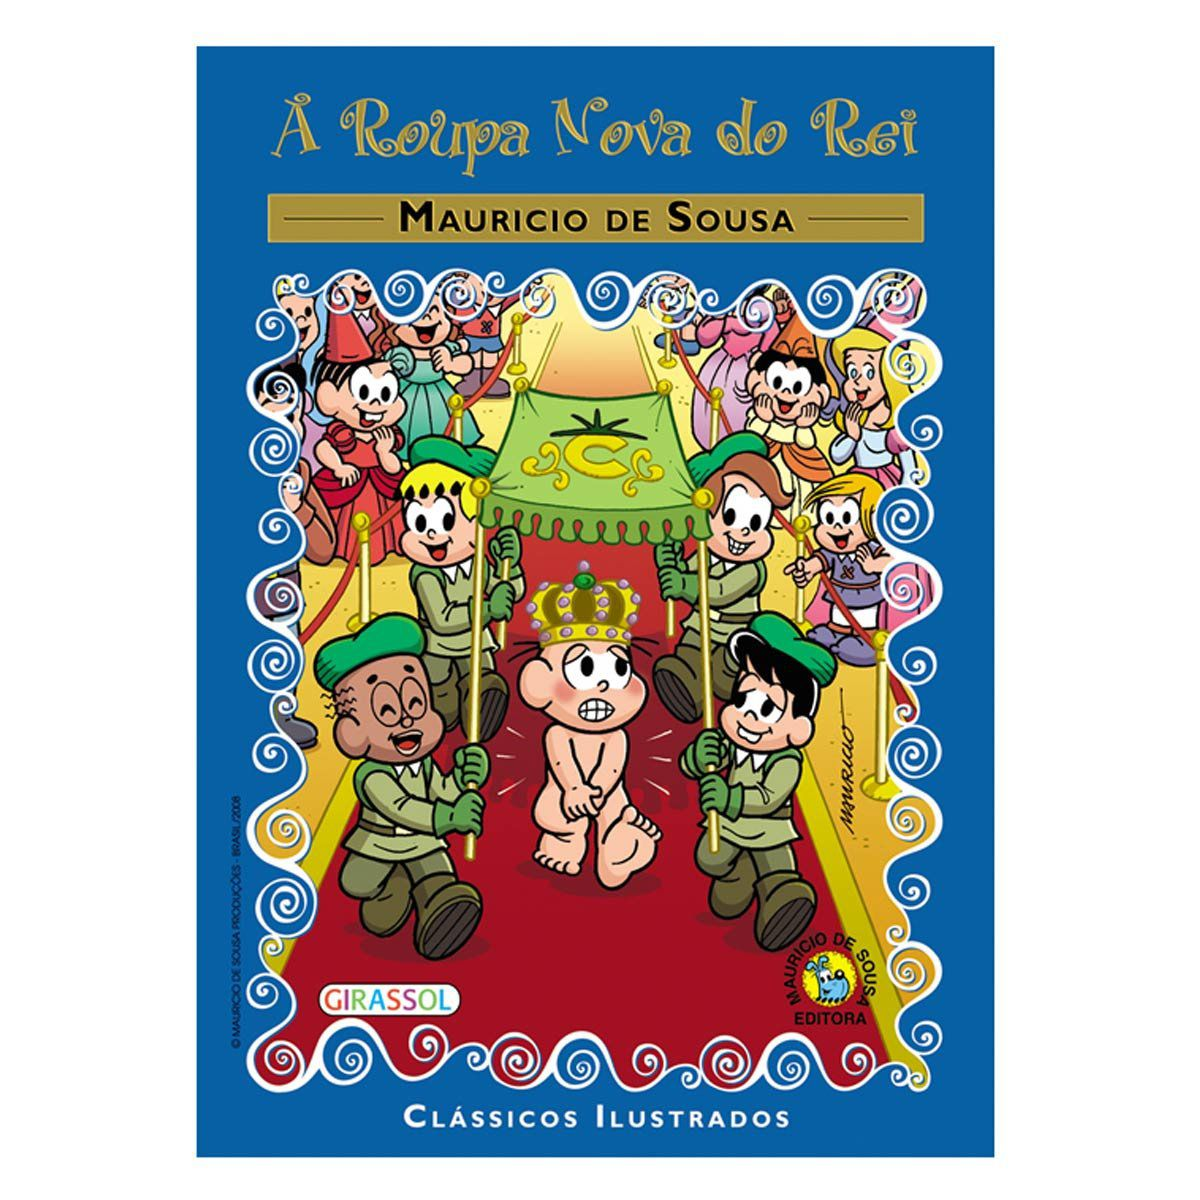 A Roupa Nova Do Rei - Turma da Mônica